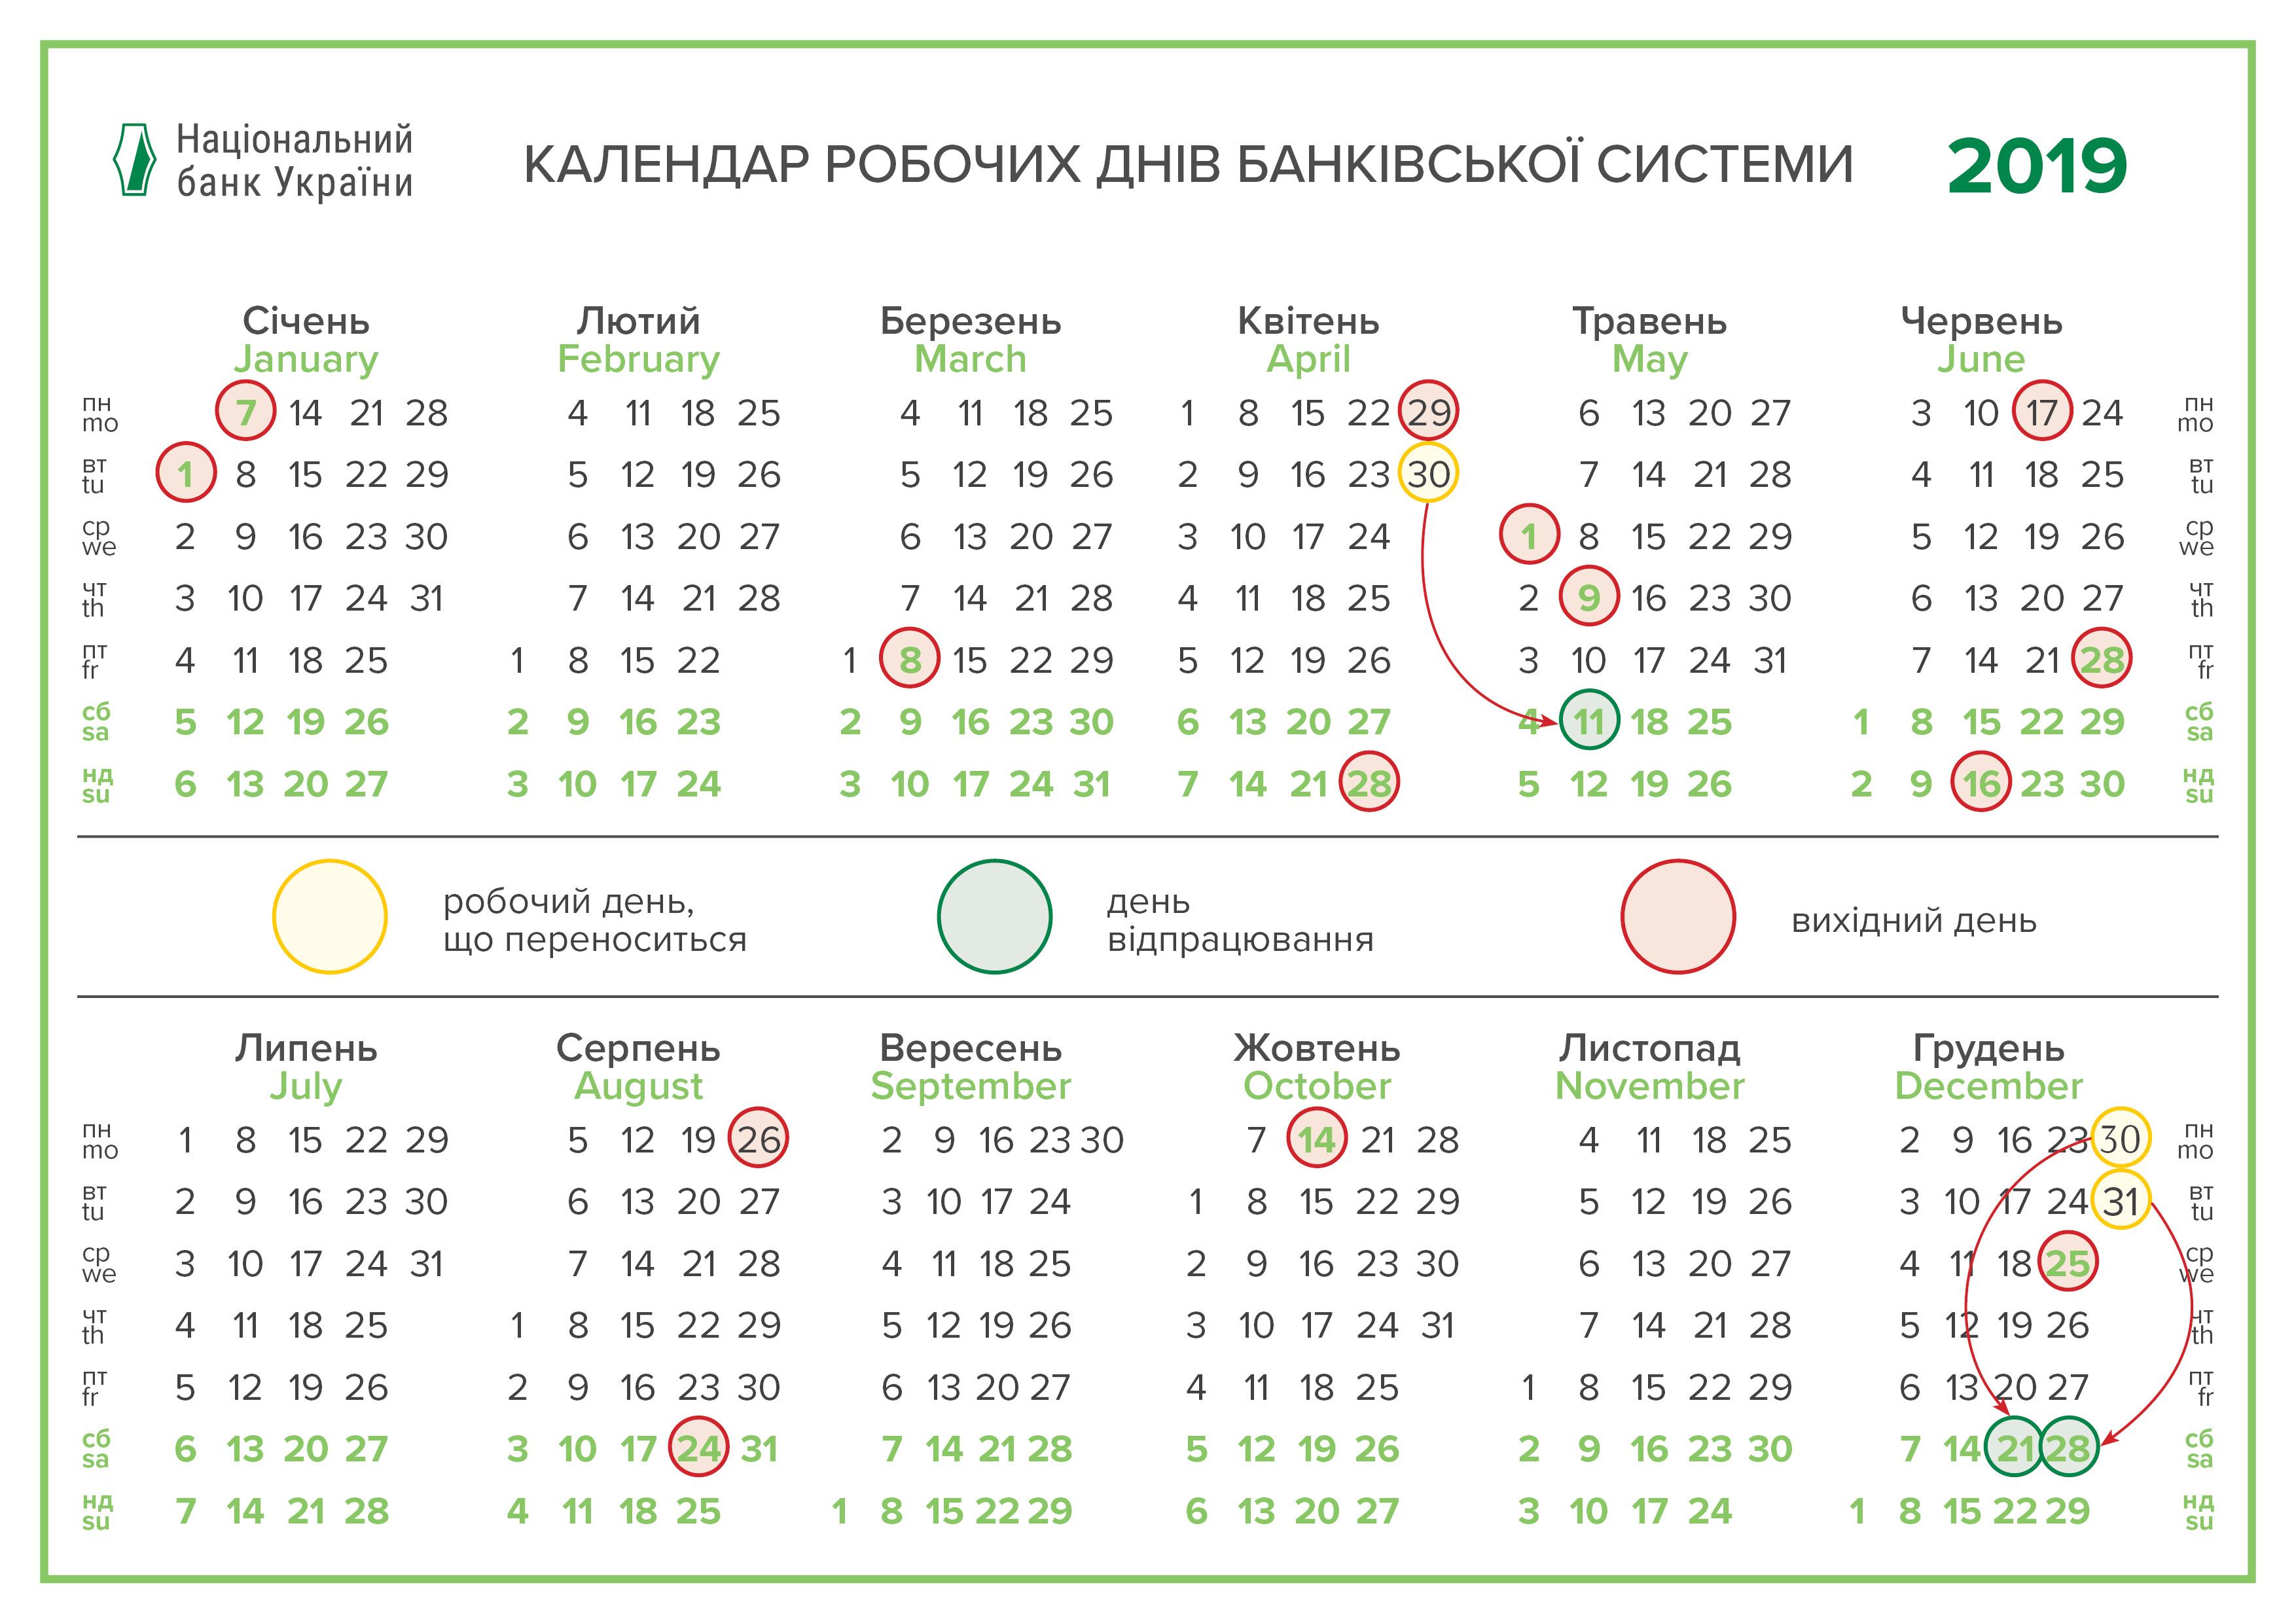 график работы банков